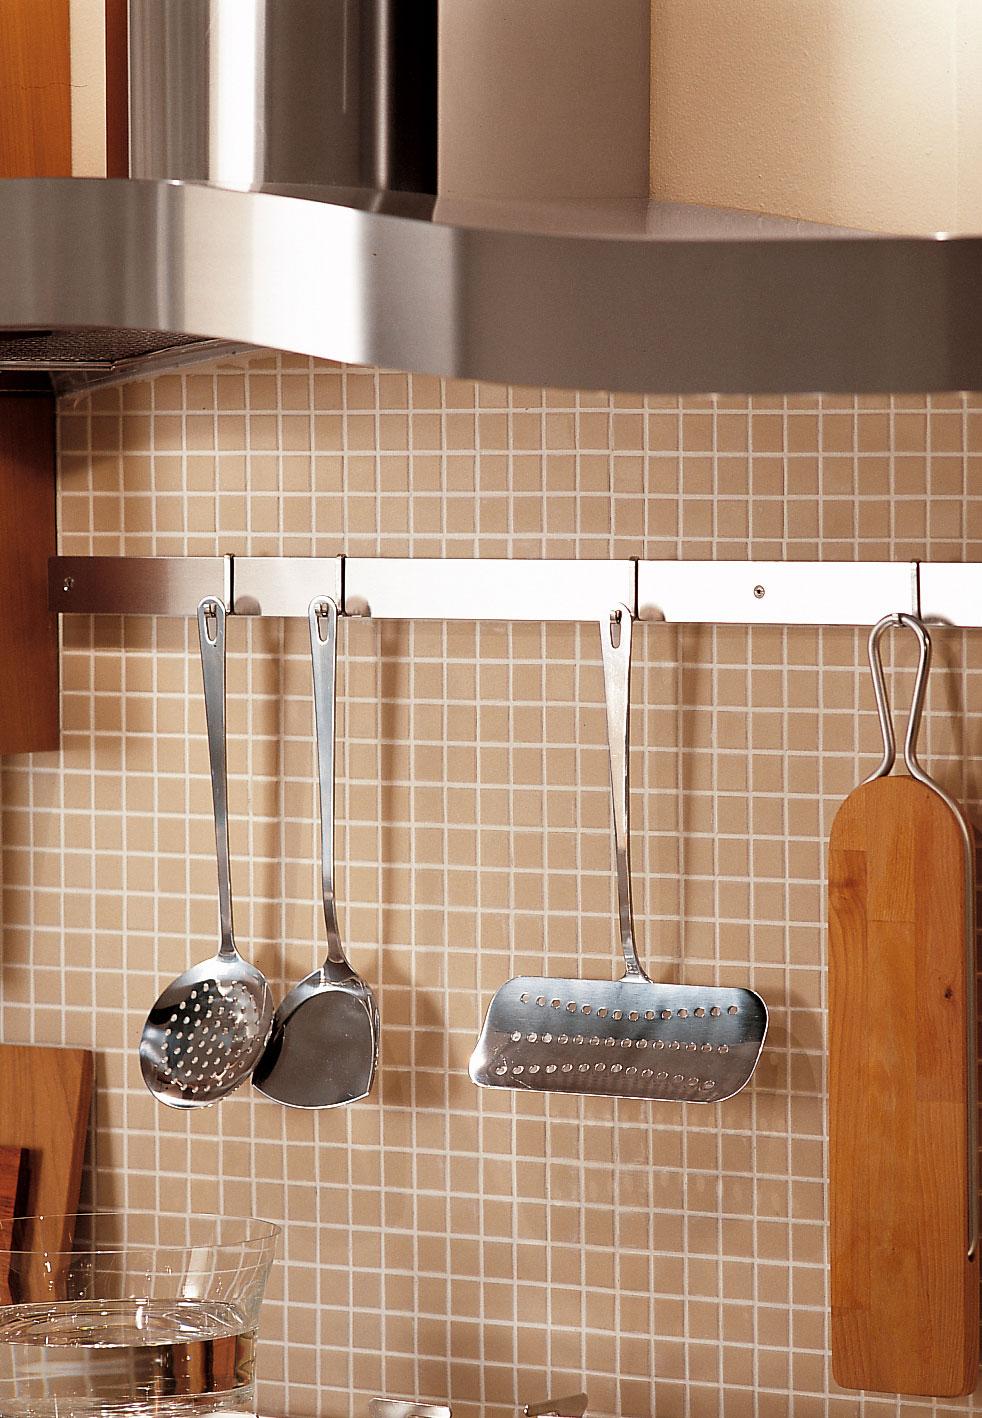 Современный дизайн кухонного гарнитура: рейка для кухонных принадлежностей